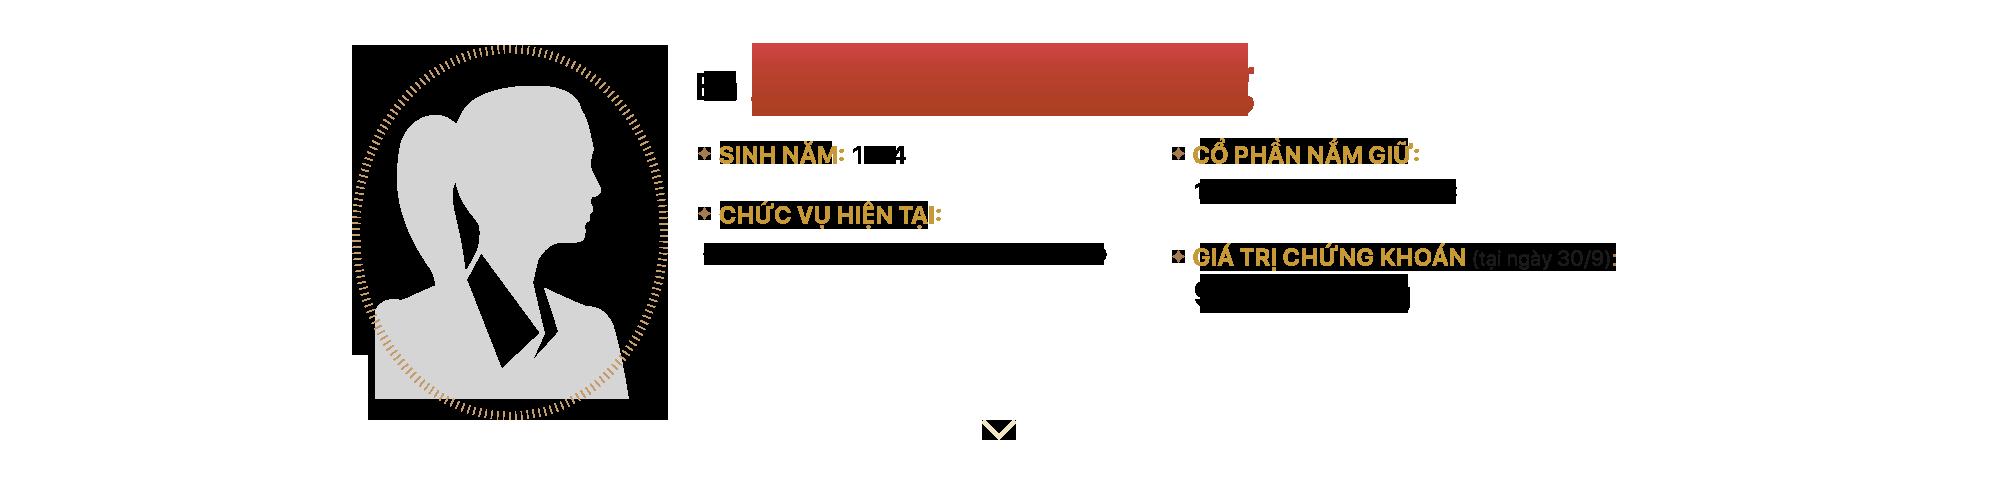 TOP10 NỮ DOANH NHÂN SỞ HỮU HÀNG TRIỆU USD CỔ PHIẾU TRÊN TTCK VIỆT NAM - Ảnh 4.